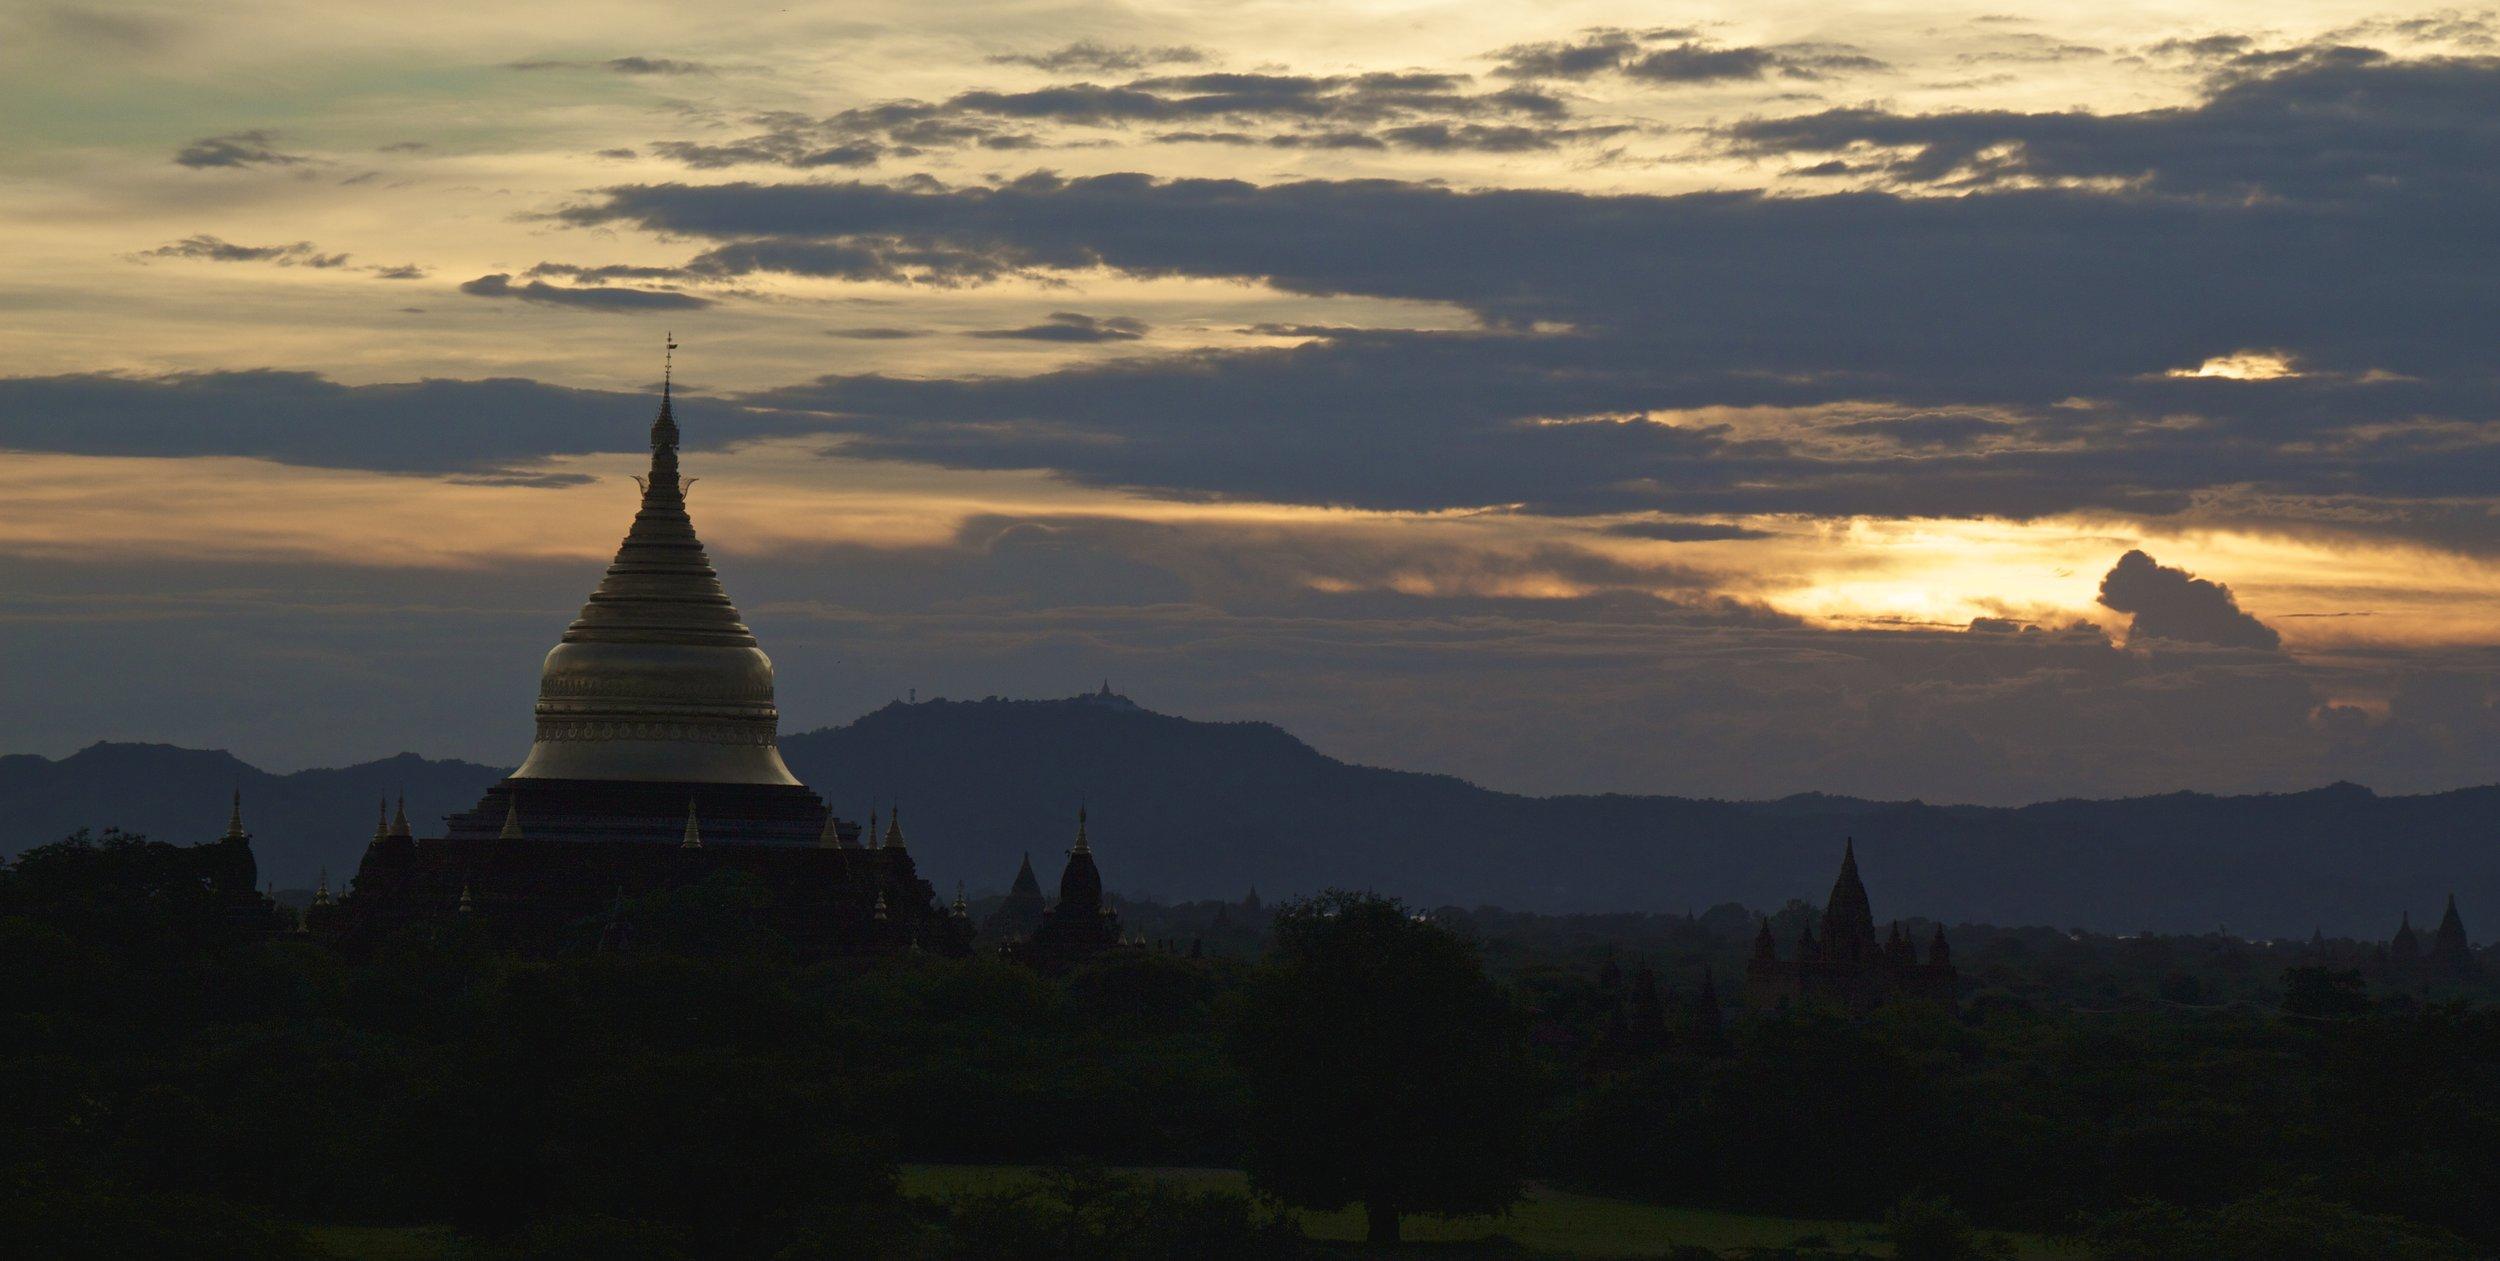 bagan burma myanmar temples sunset 4.jpg